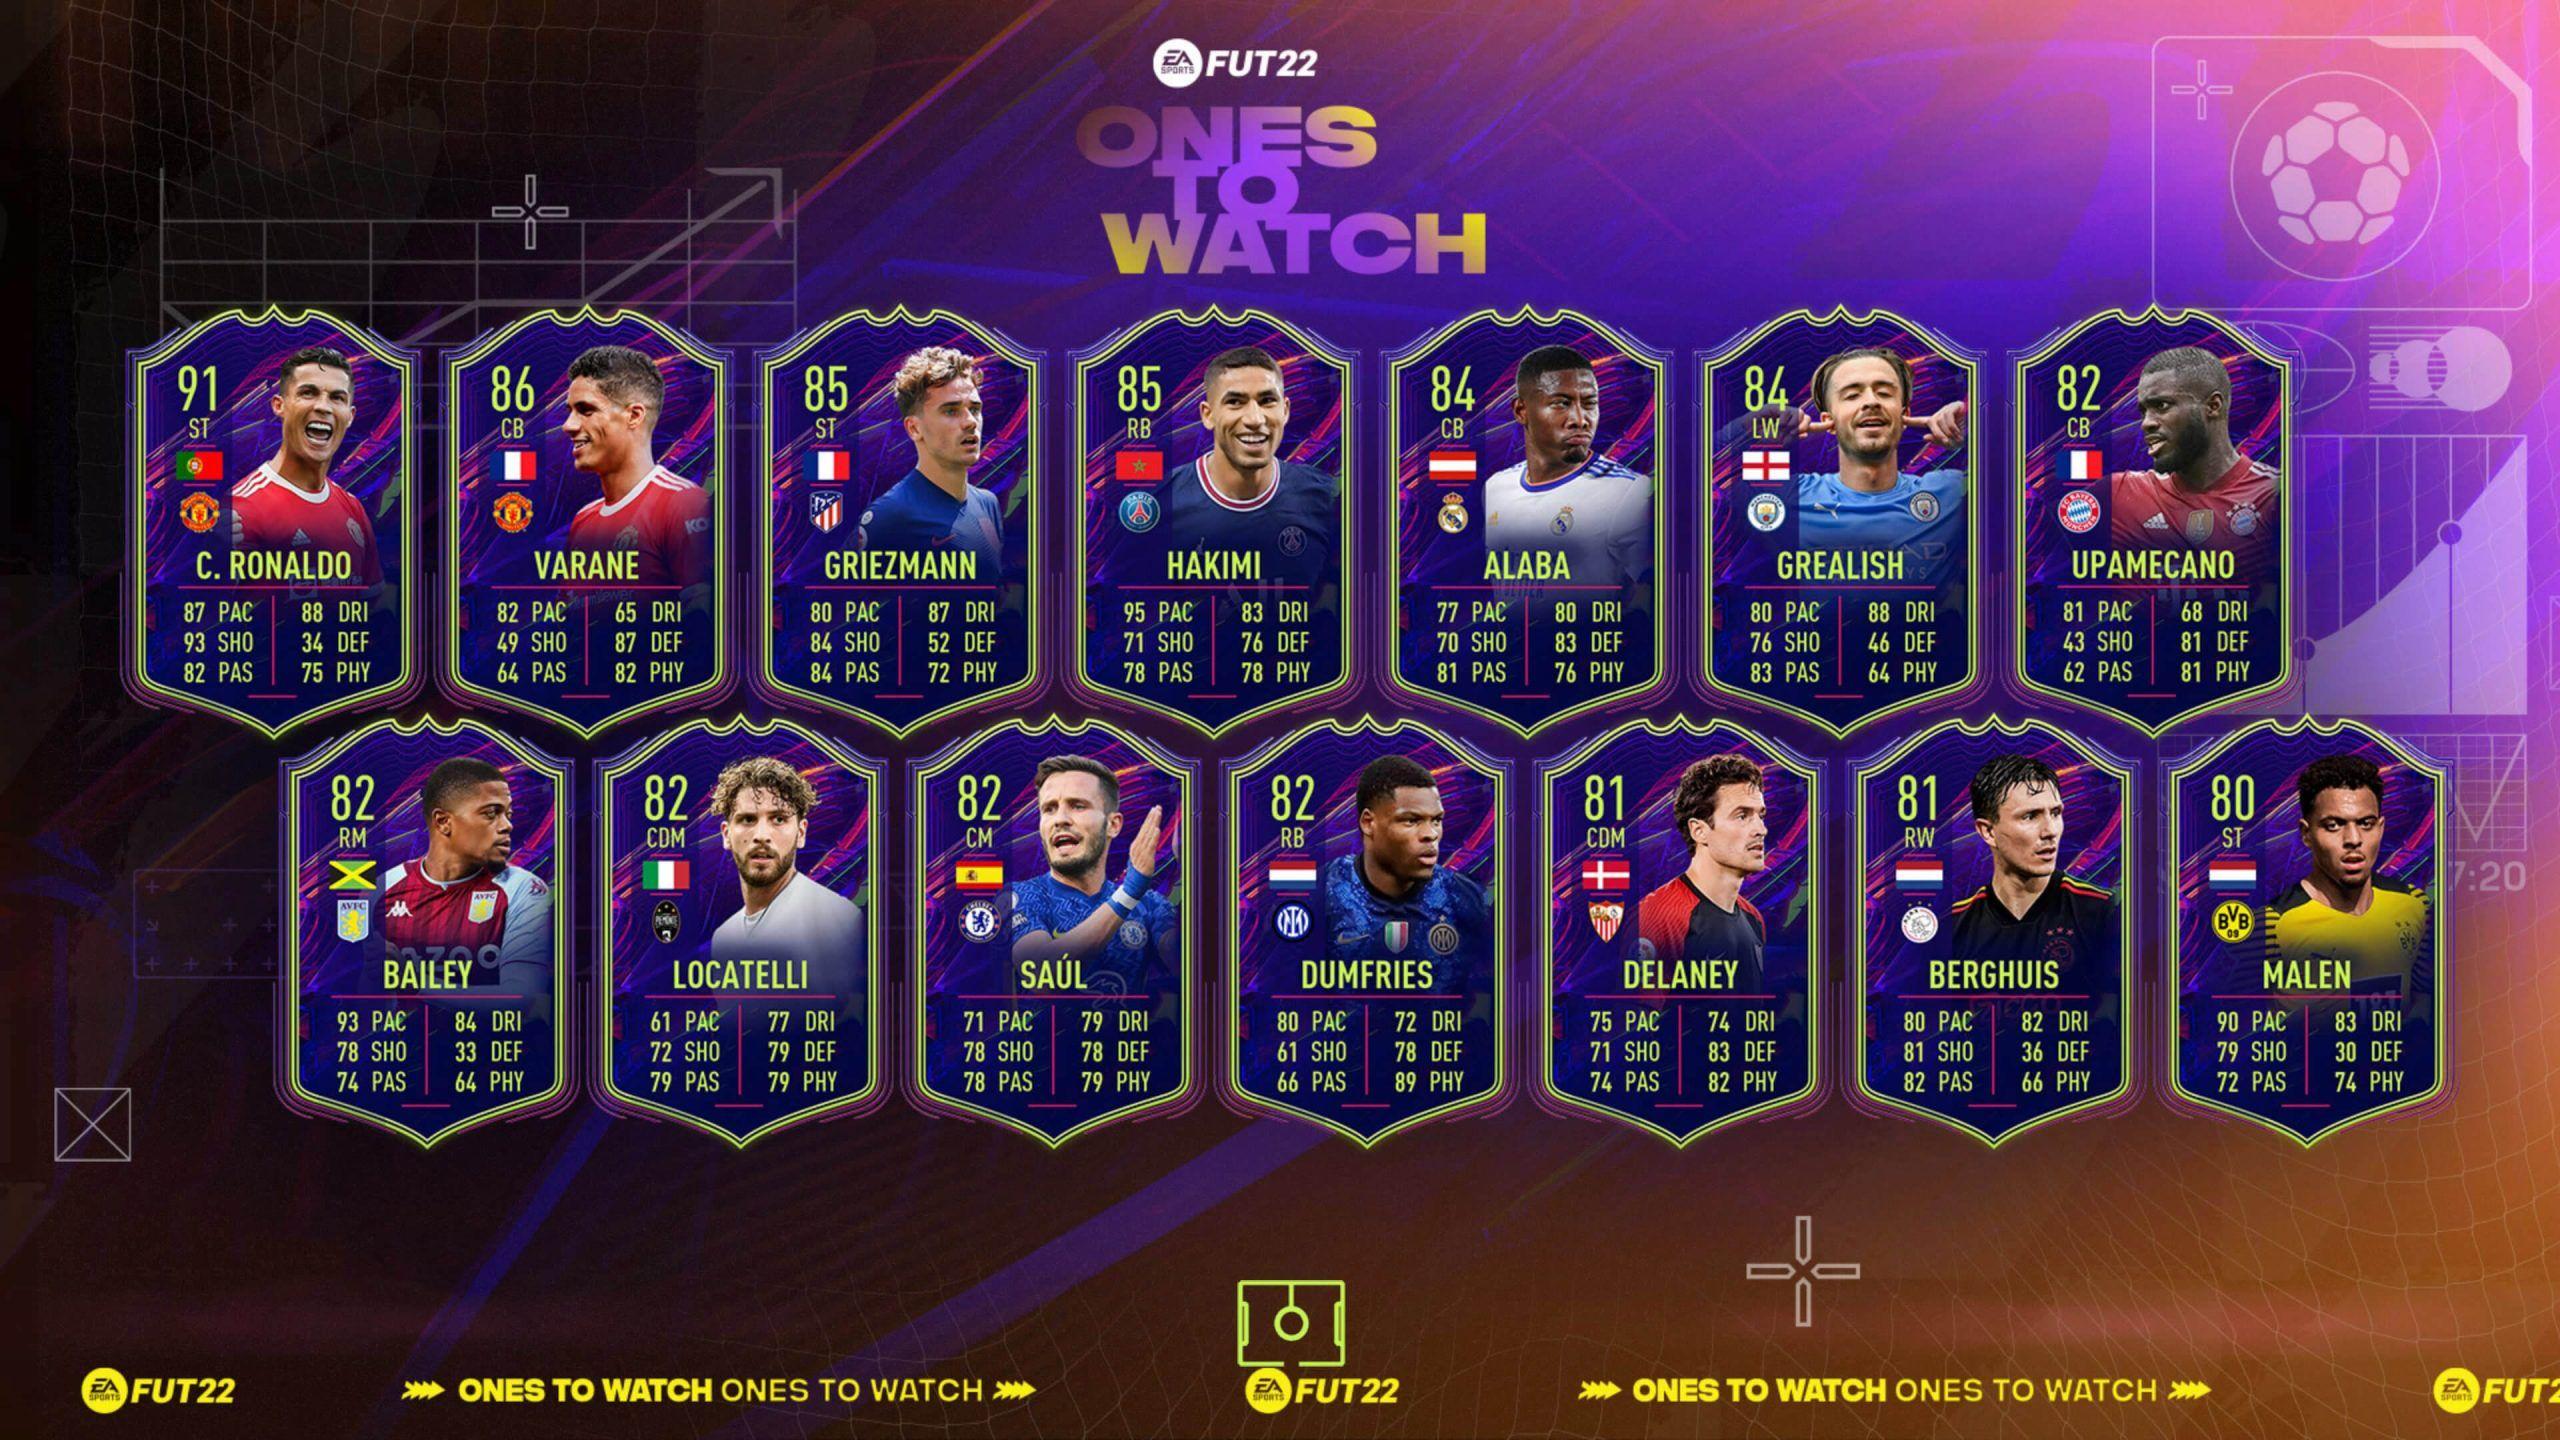 Equipo 1 de los Ones to Watch de FIFA 22 Ultimate Team